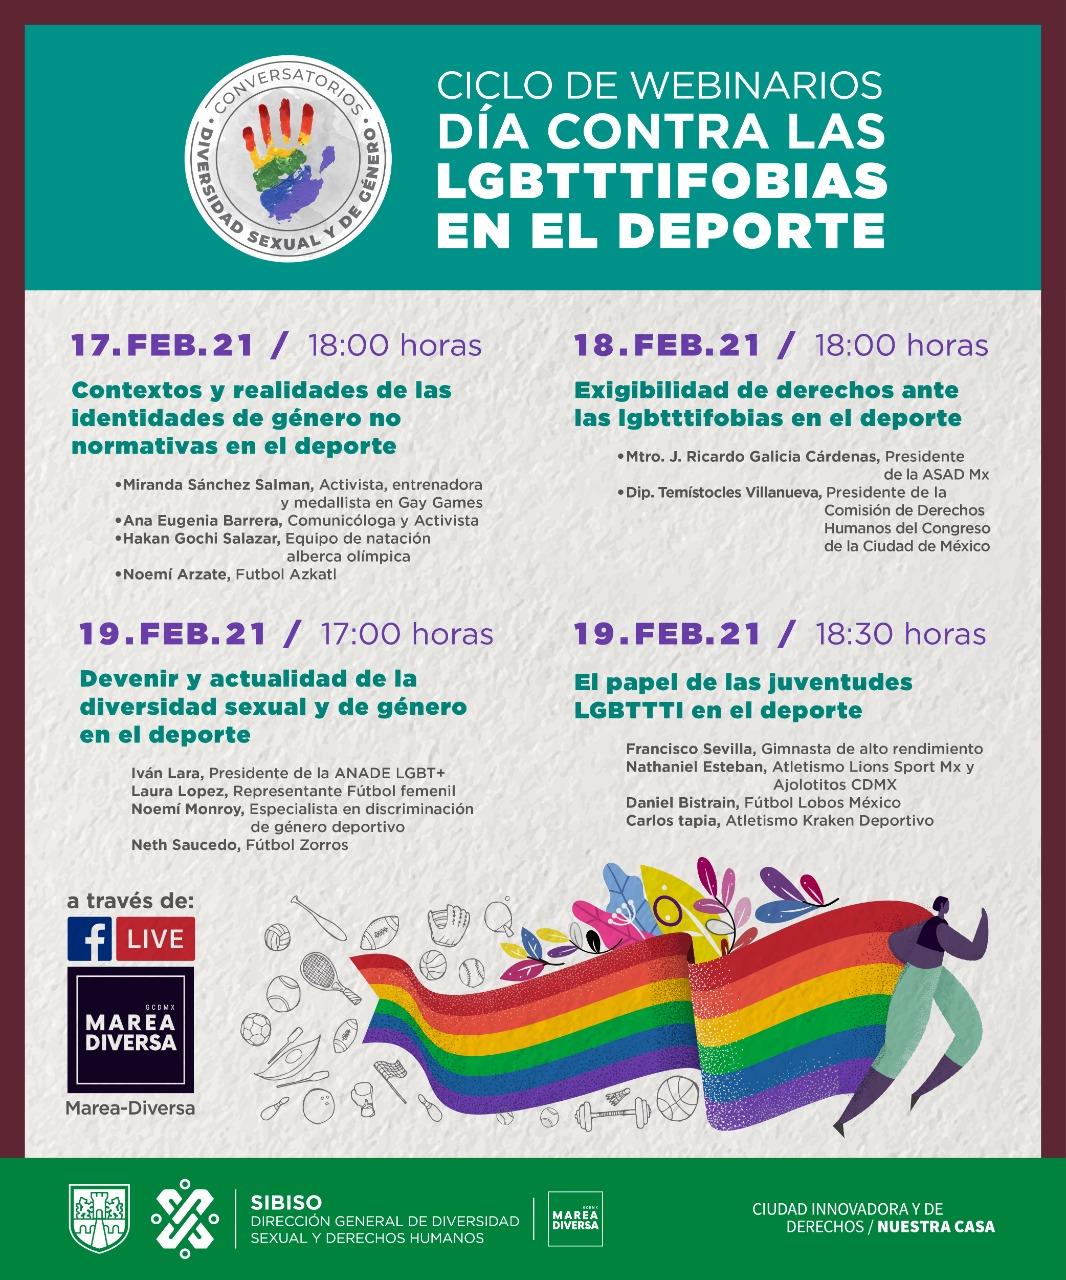 Conversatorios Anade homofobia deporte